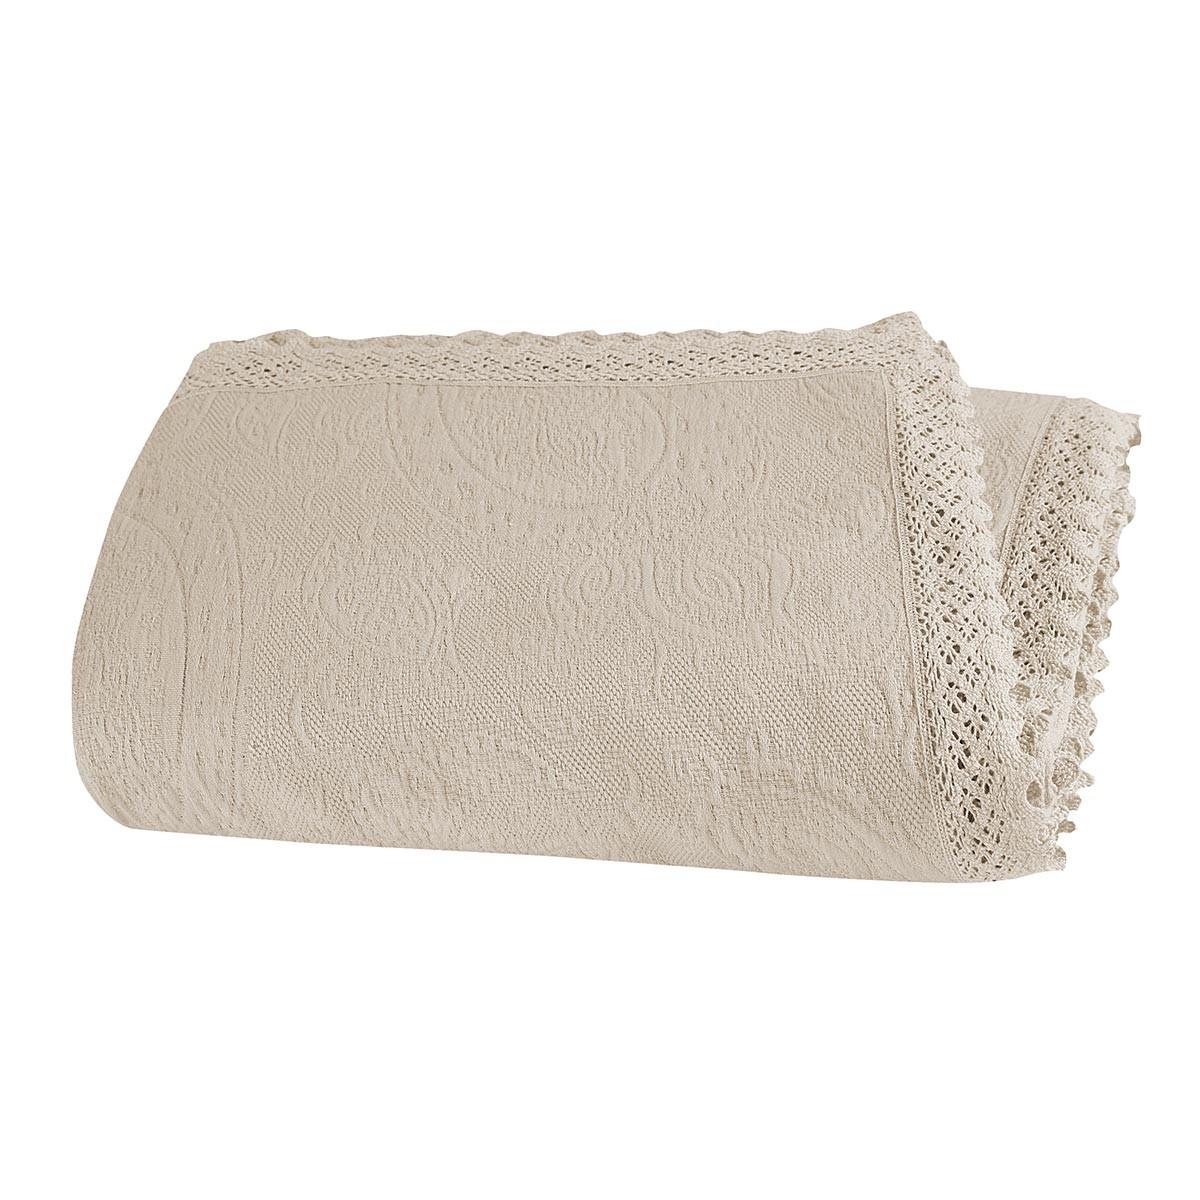 Κουβερτόριο Υπέρδιπλο Nef-Nef Abigail Ecru home   κρεβατοκάμαρα   κουβέρτες   κουβέρτες καλοκαιρινές υπέρδιπλες